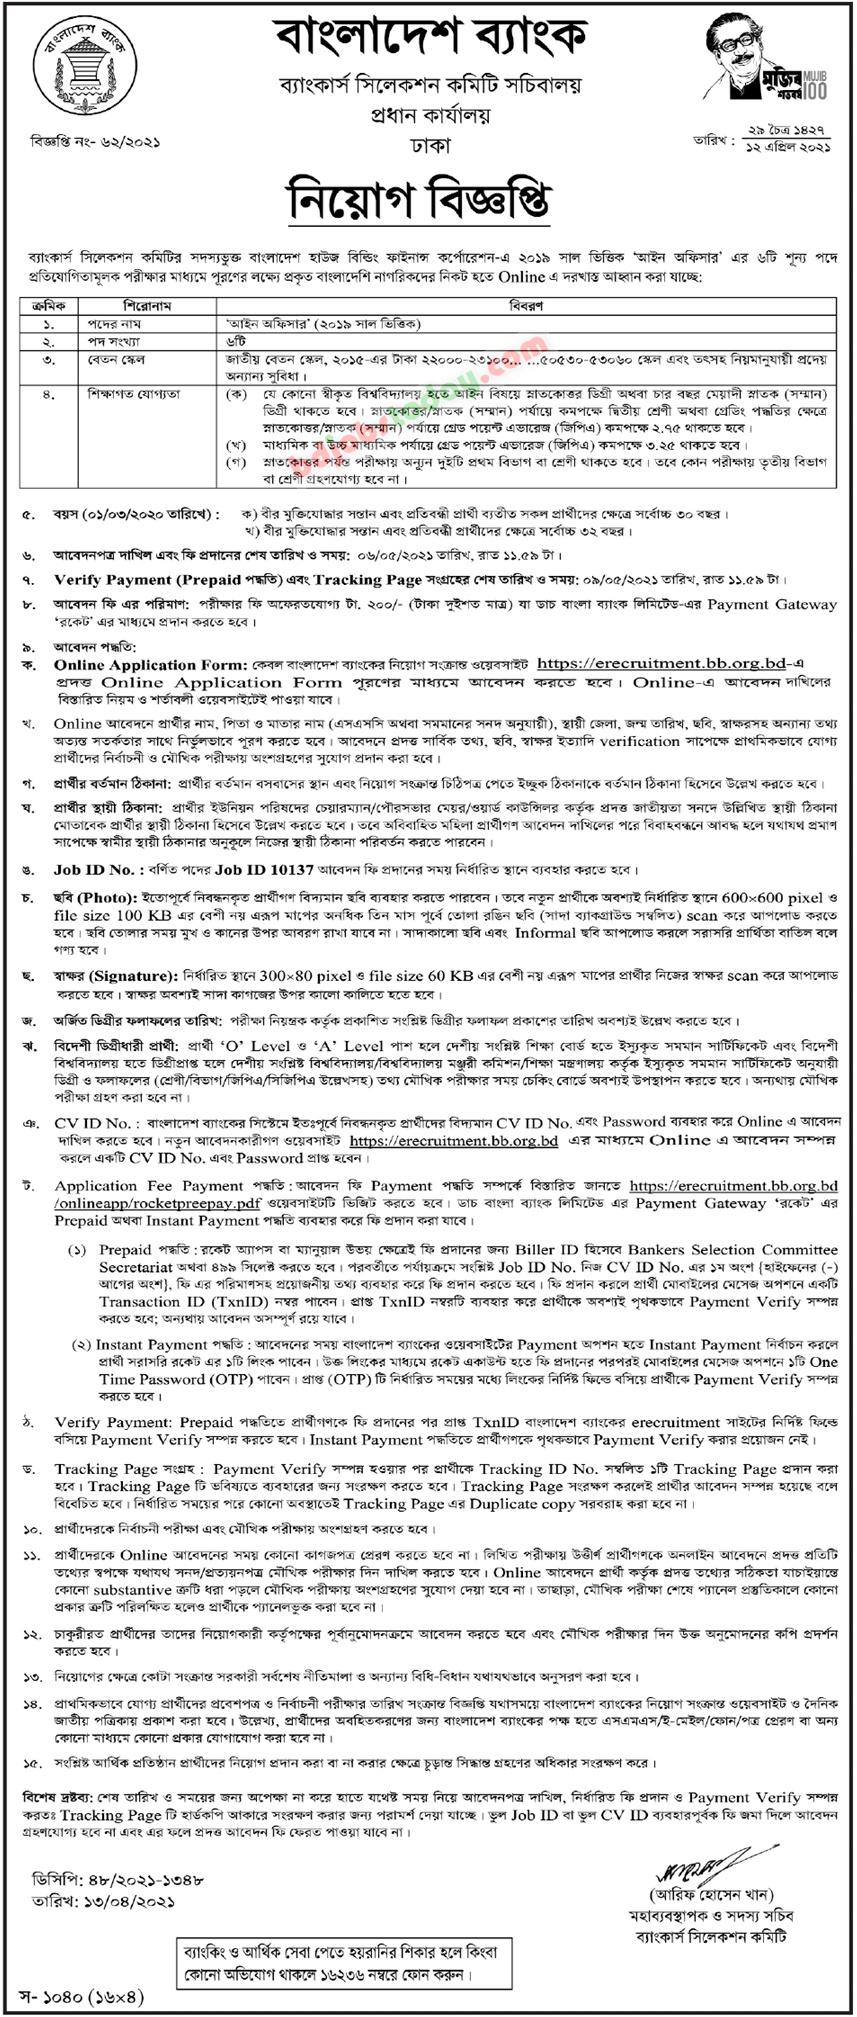 BHBFC Job Circular 2021 - bhbfc.gov.bd